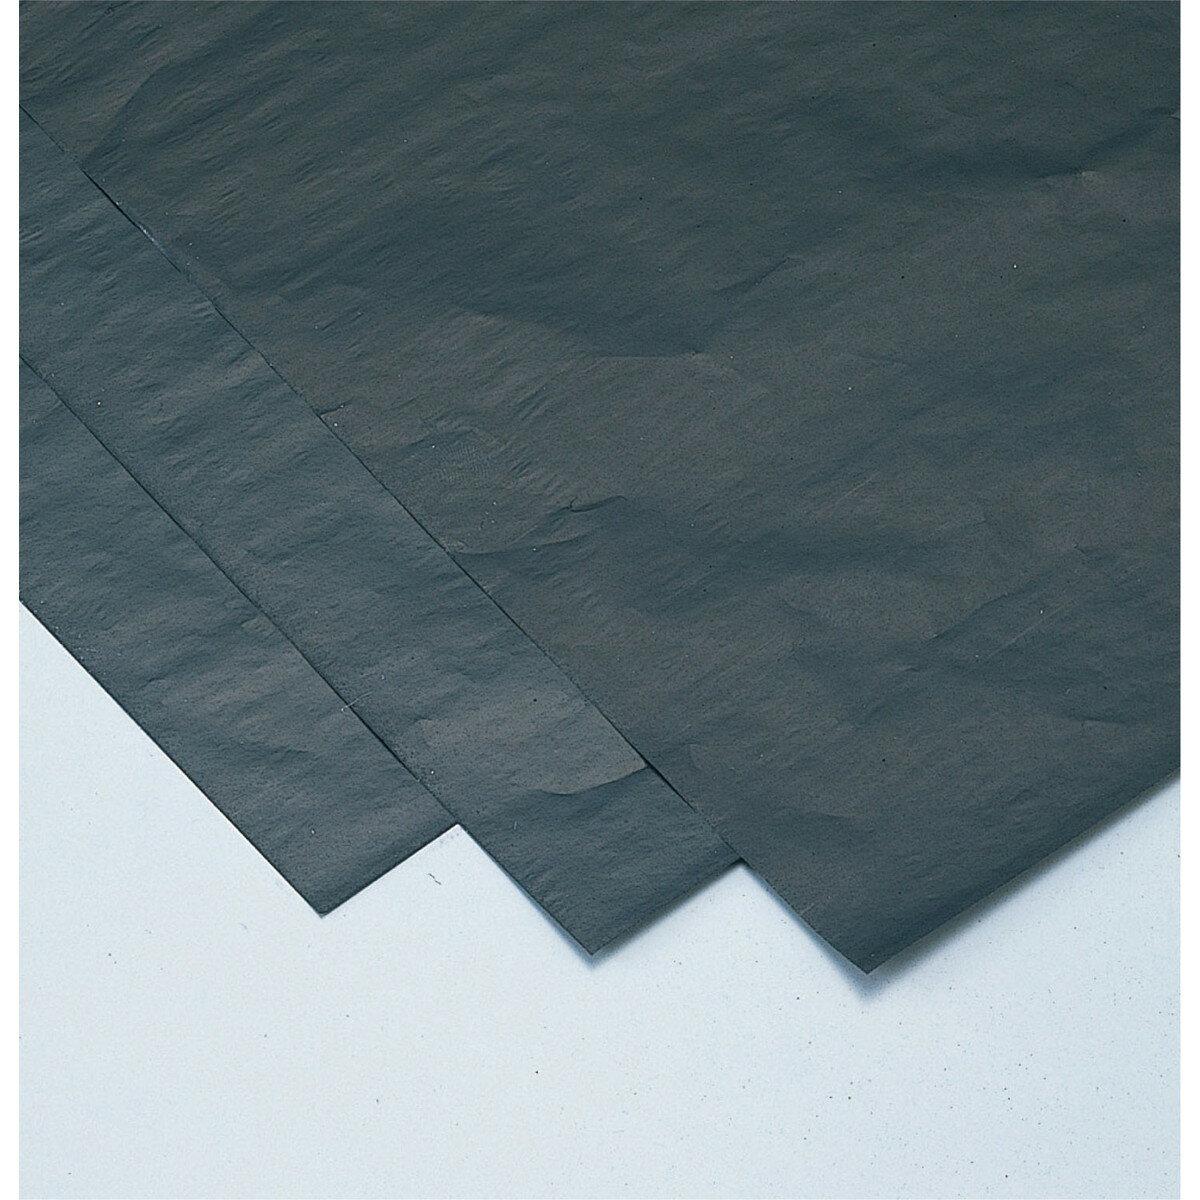 Artec(アーテック) カーボン紙 10枚組 360x250mm #20846